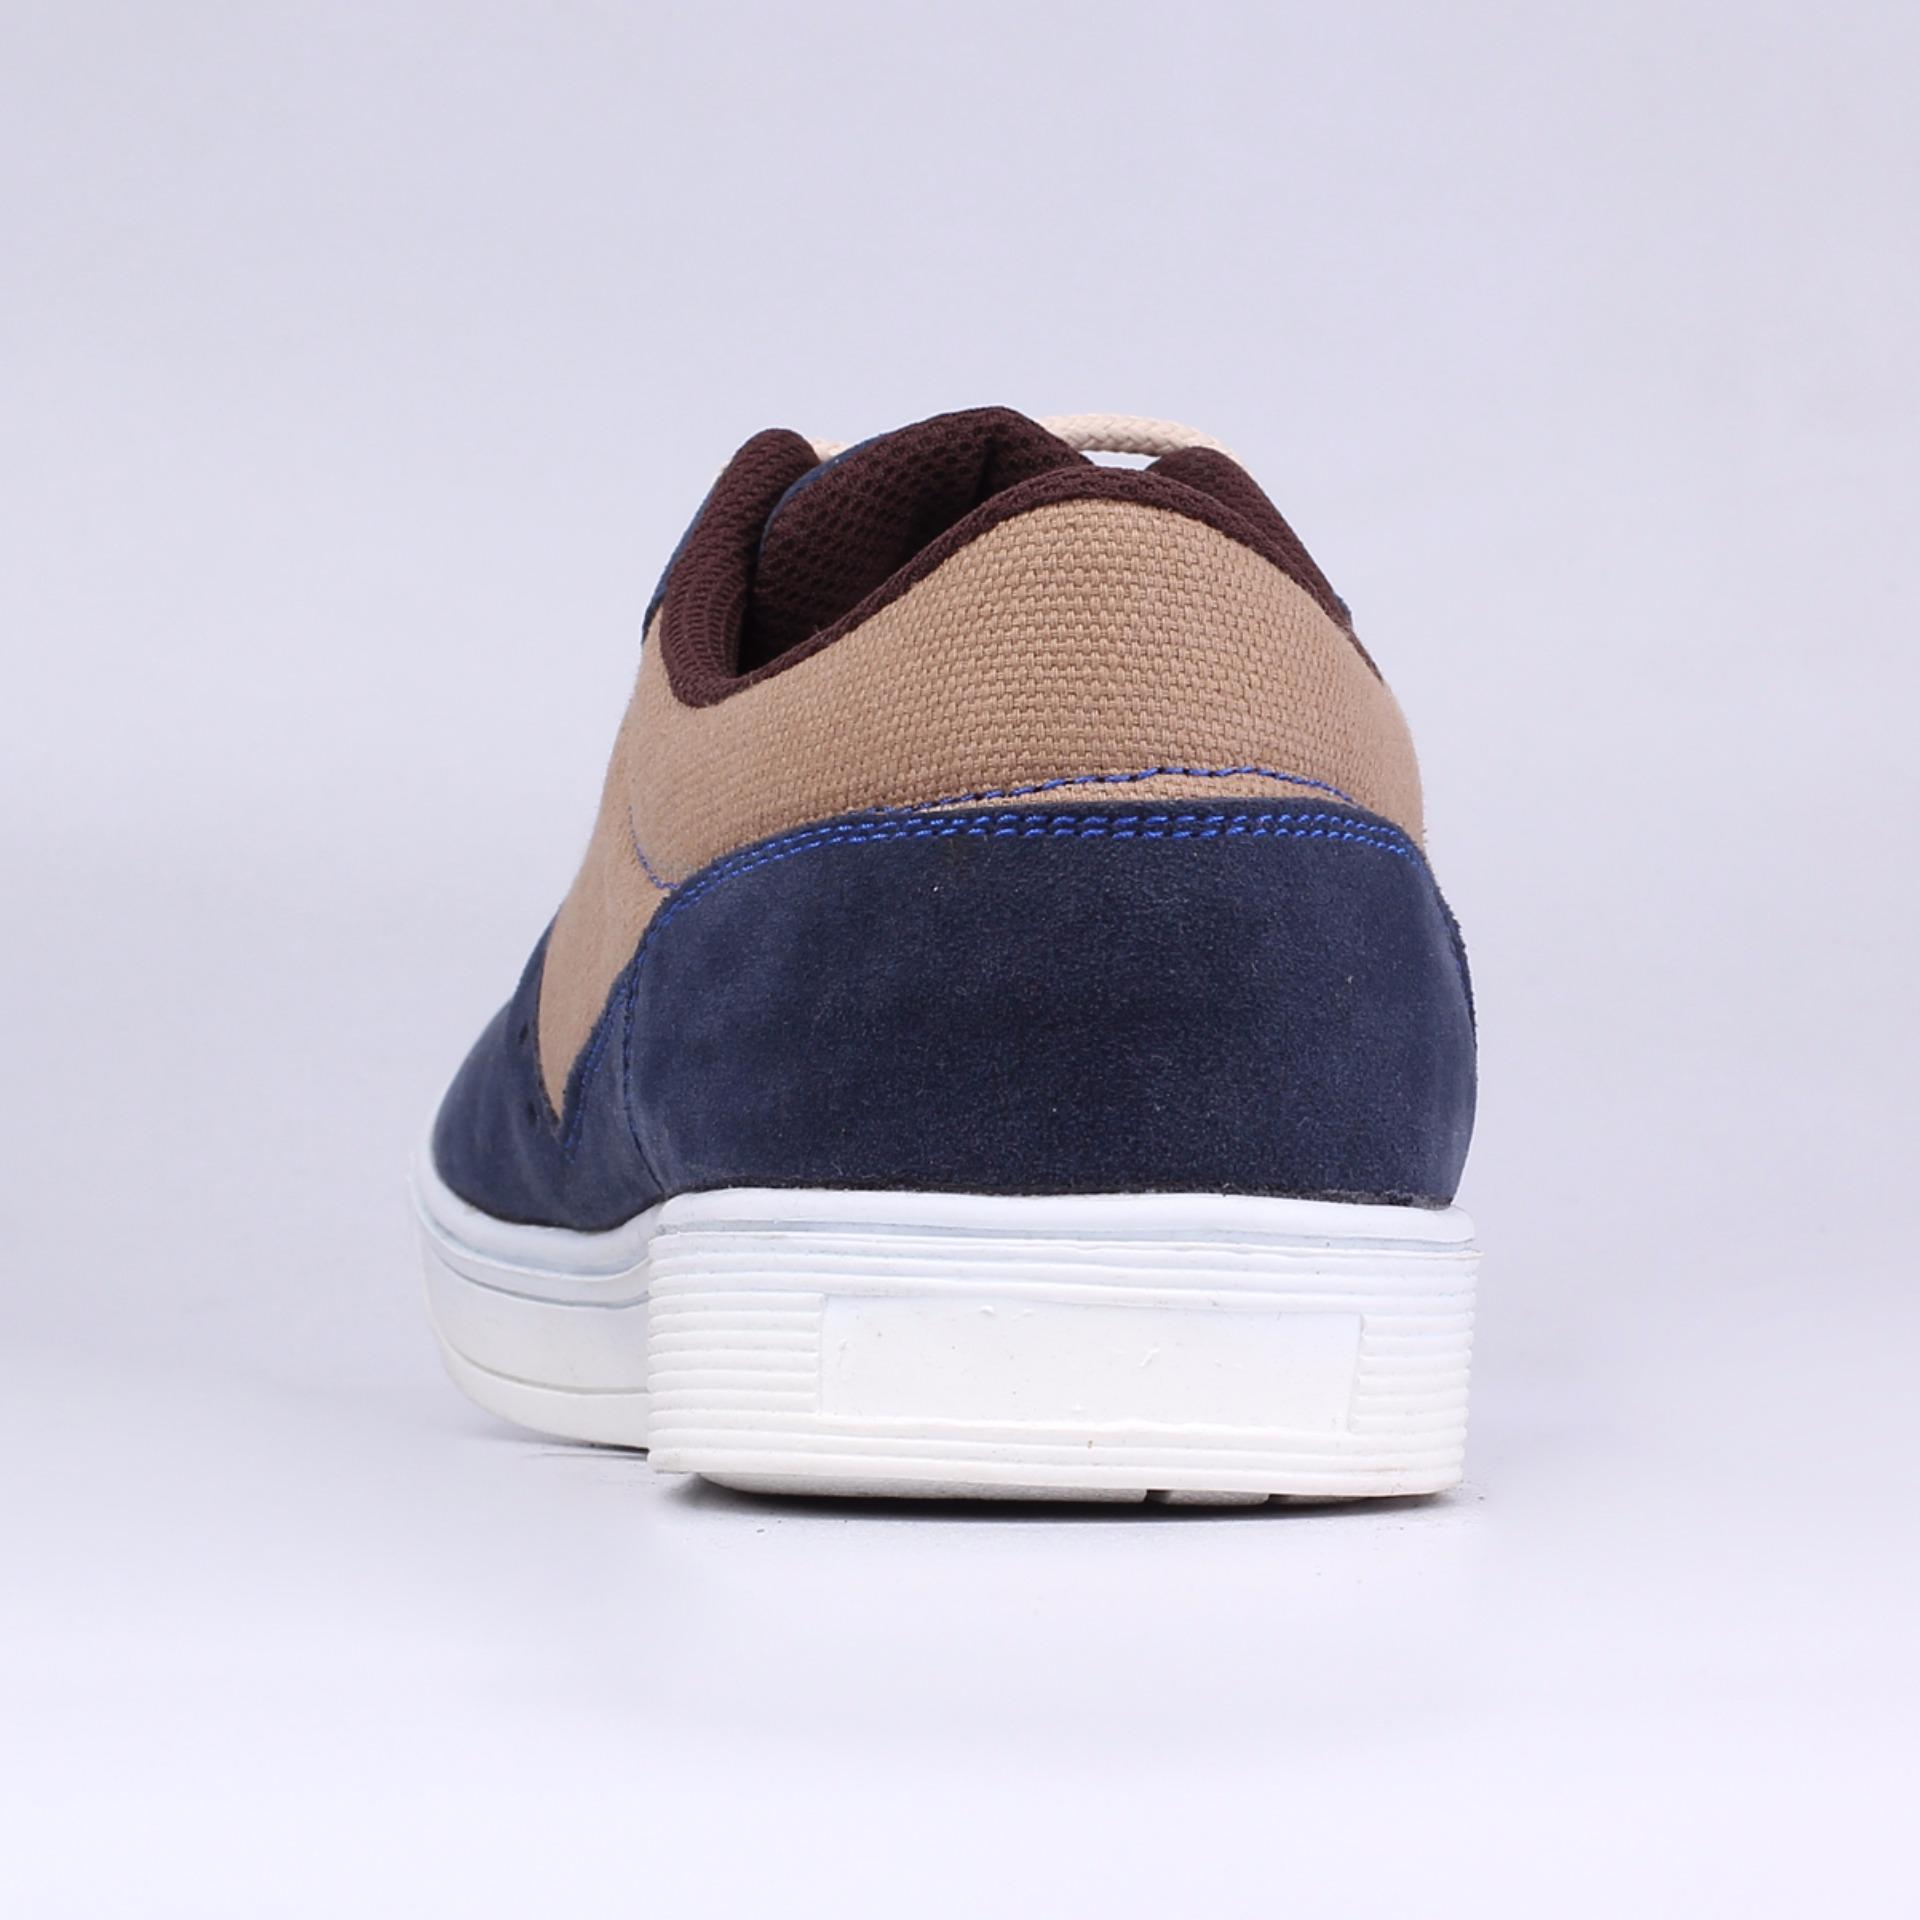 Varka Vr 077 Sepatu Casual Sneaker Dan Olahraga Pria Putih Daftar V094 Catenzo Sneakers Ny 085